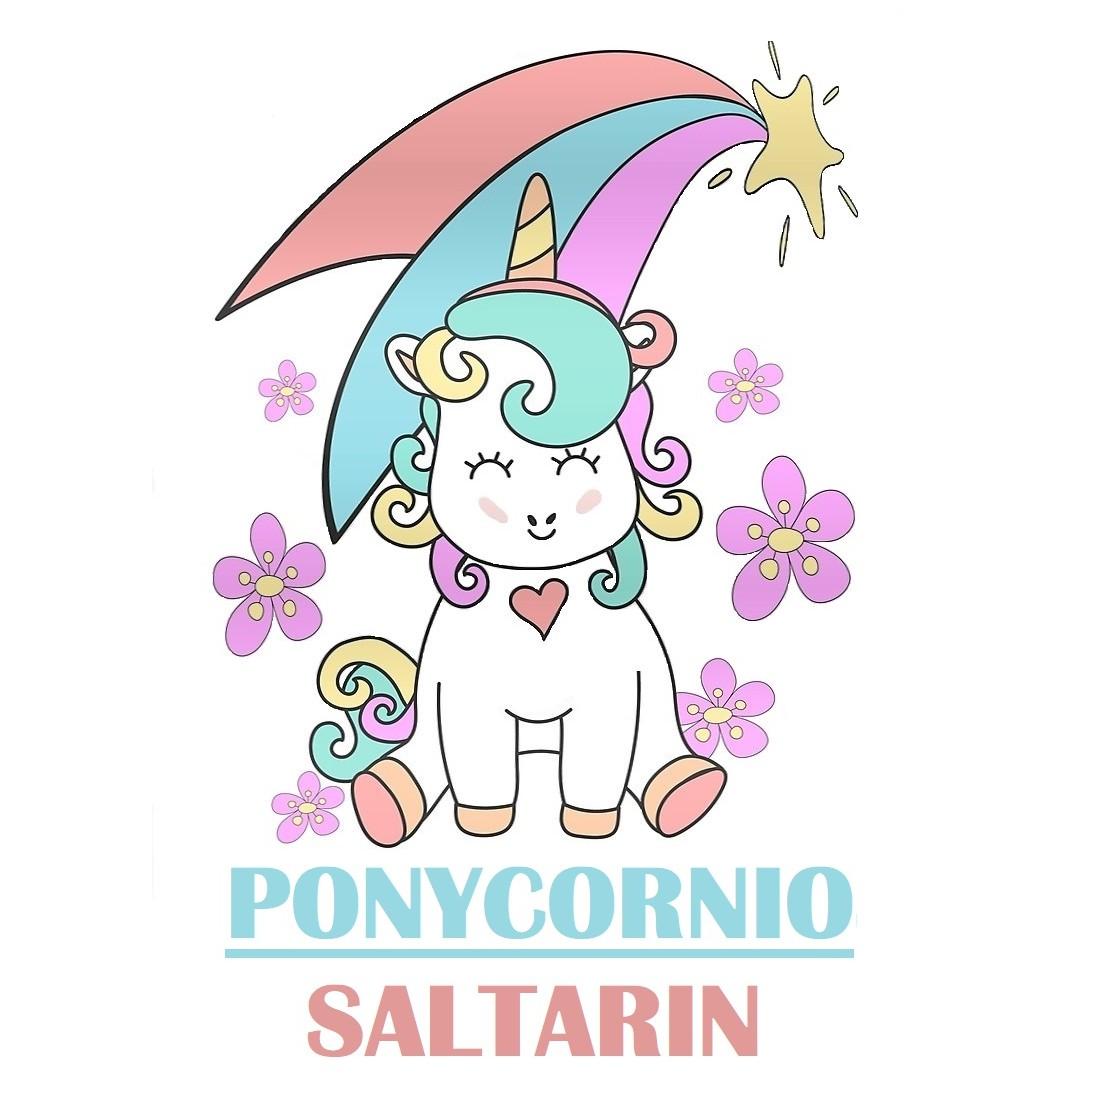 Ponycornio Saltarin-